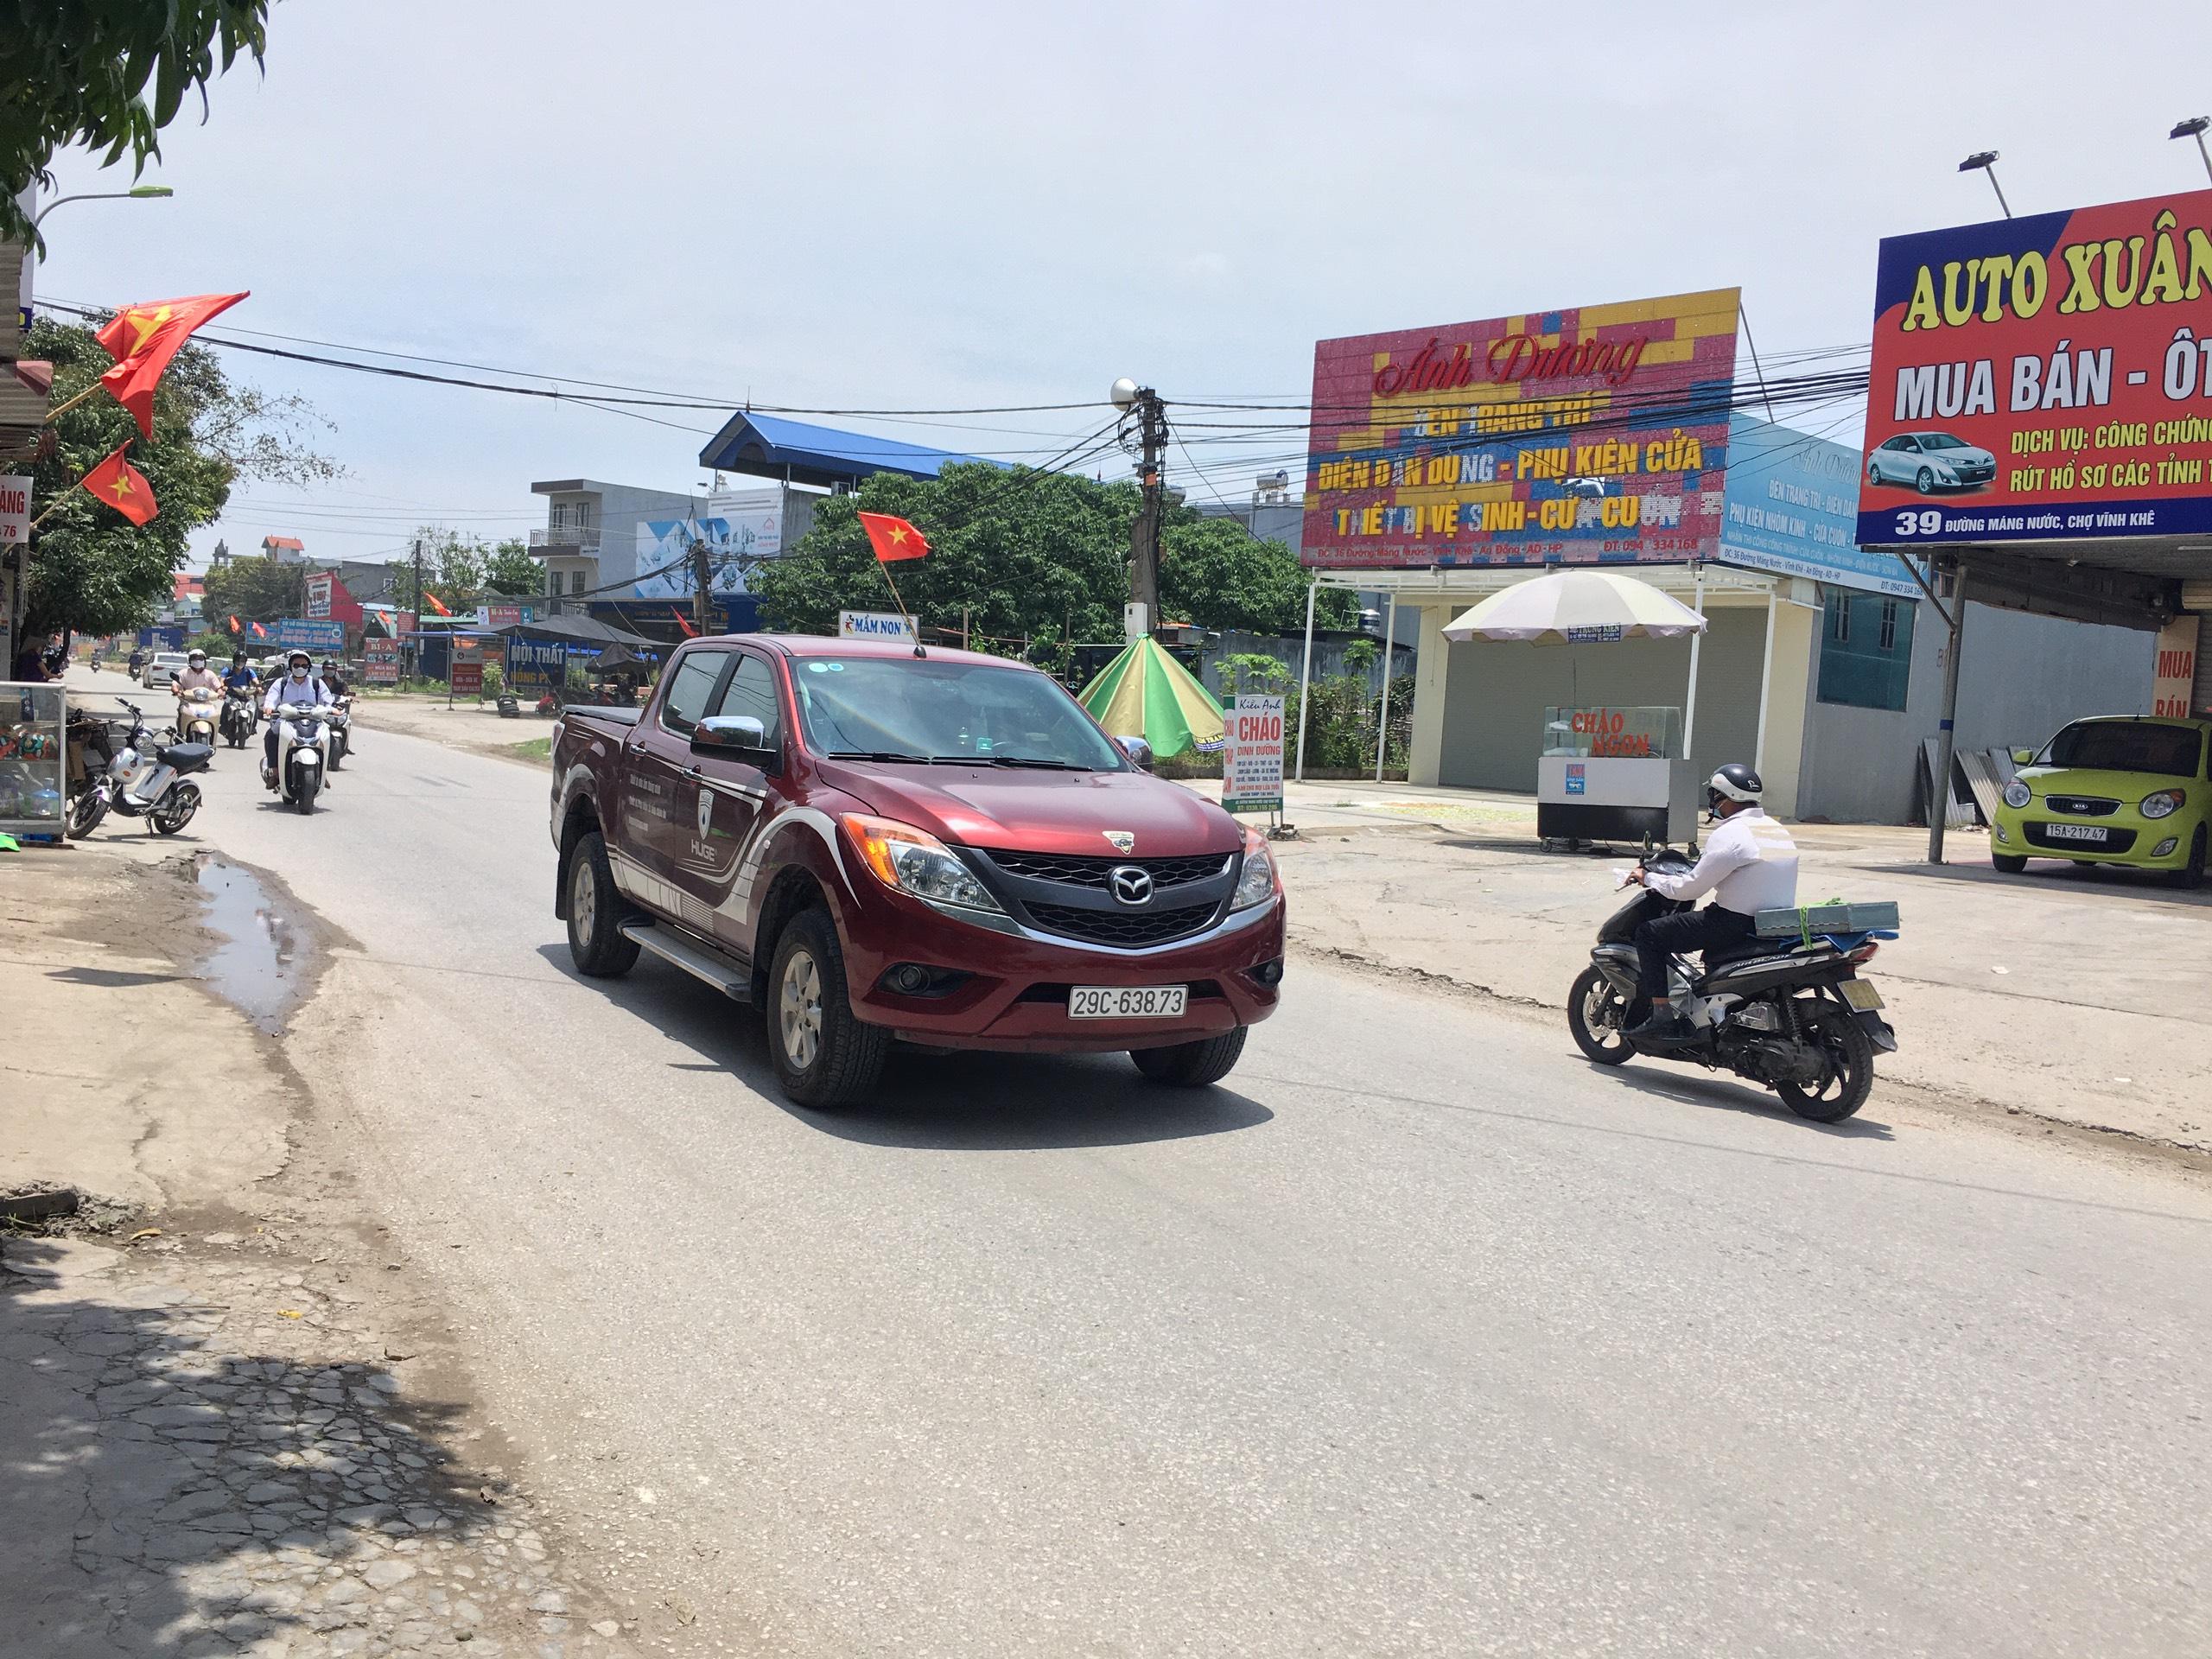 Bán GẤP nhà cấp 4 mặt đường máng nước Vĩnh Khê, An Đồng, An Dương, Hải Phòng.